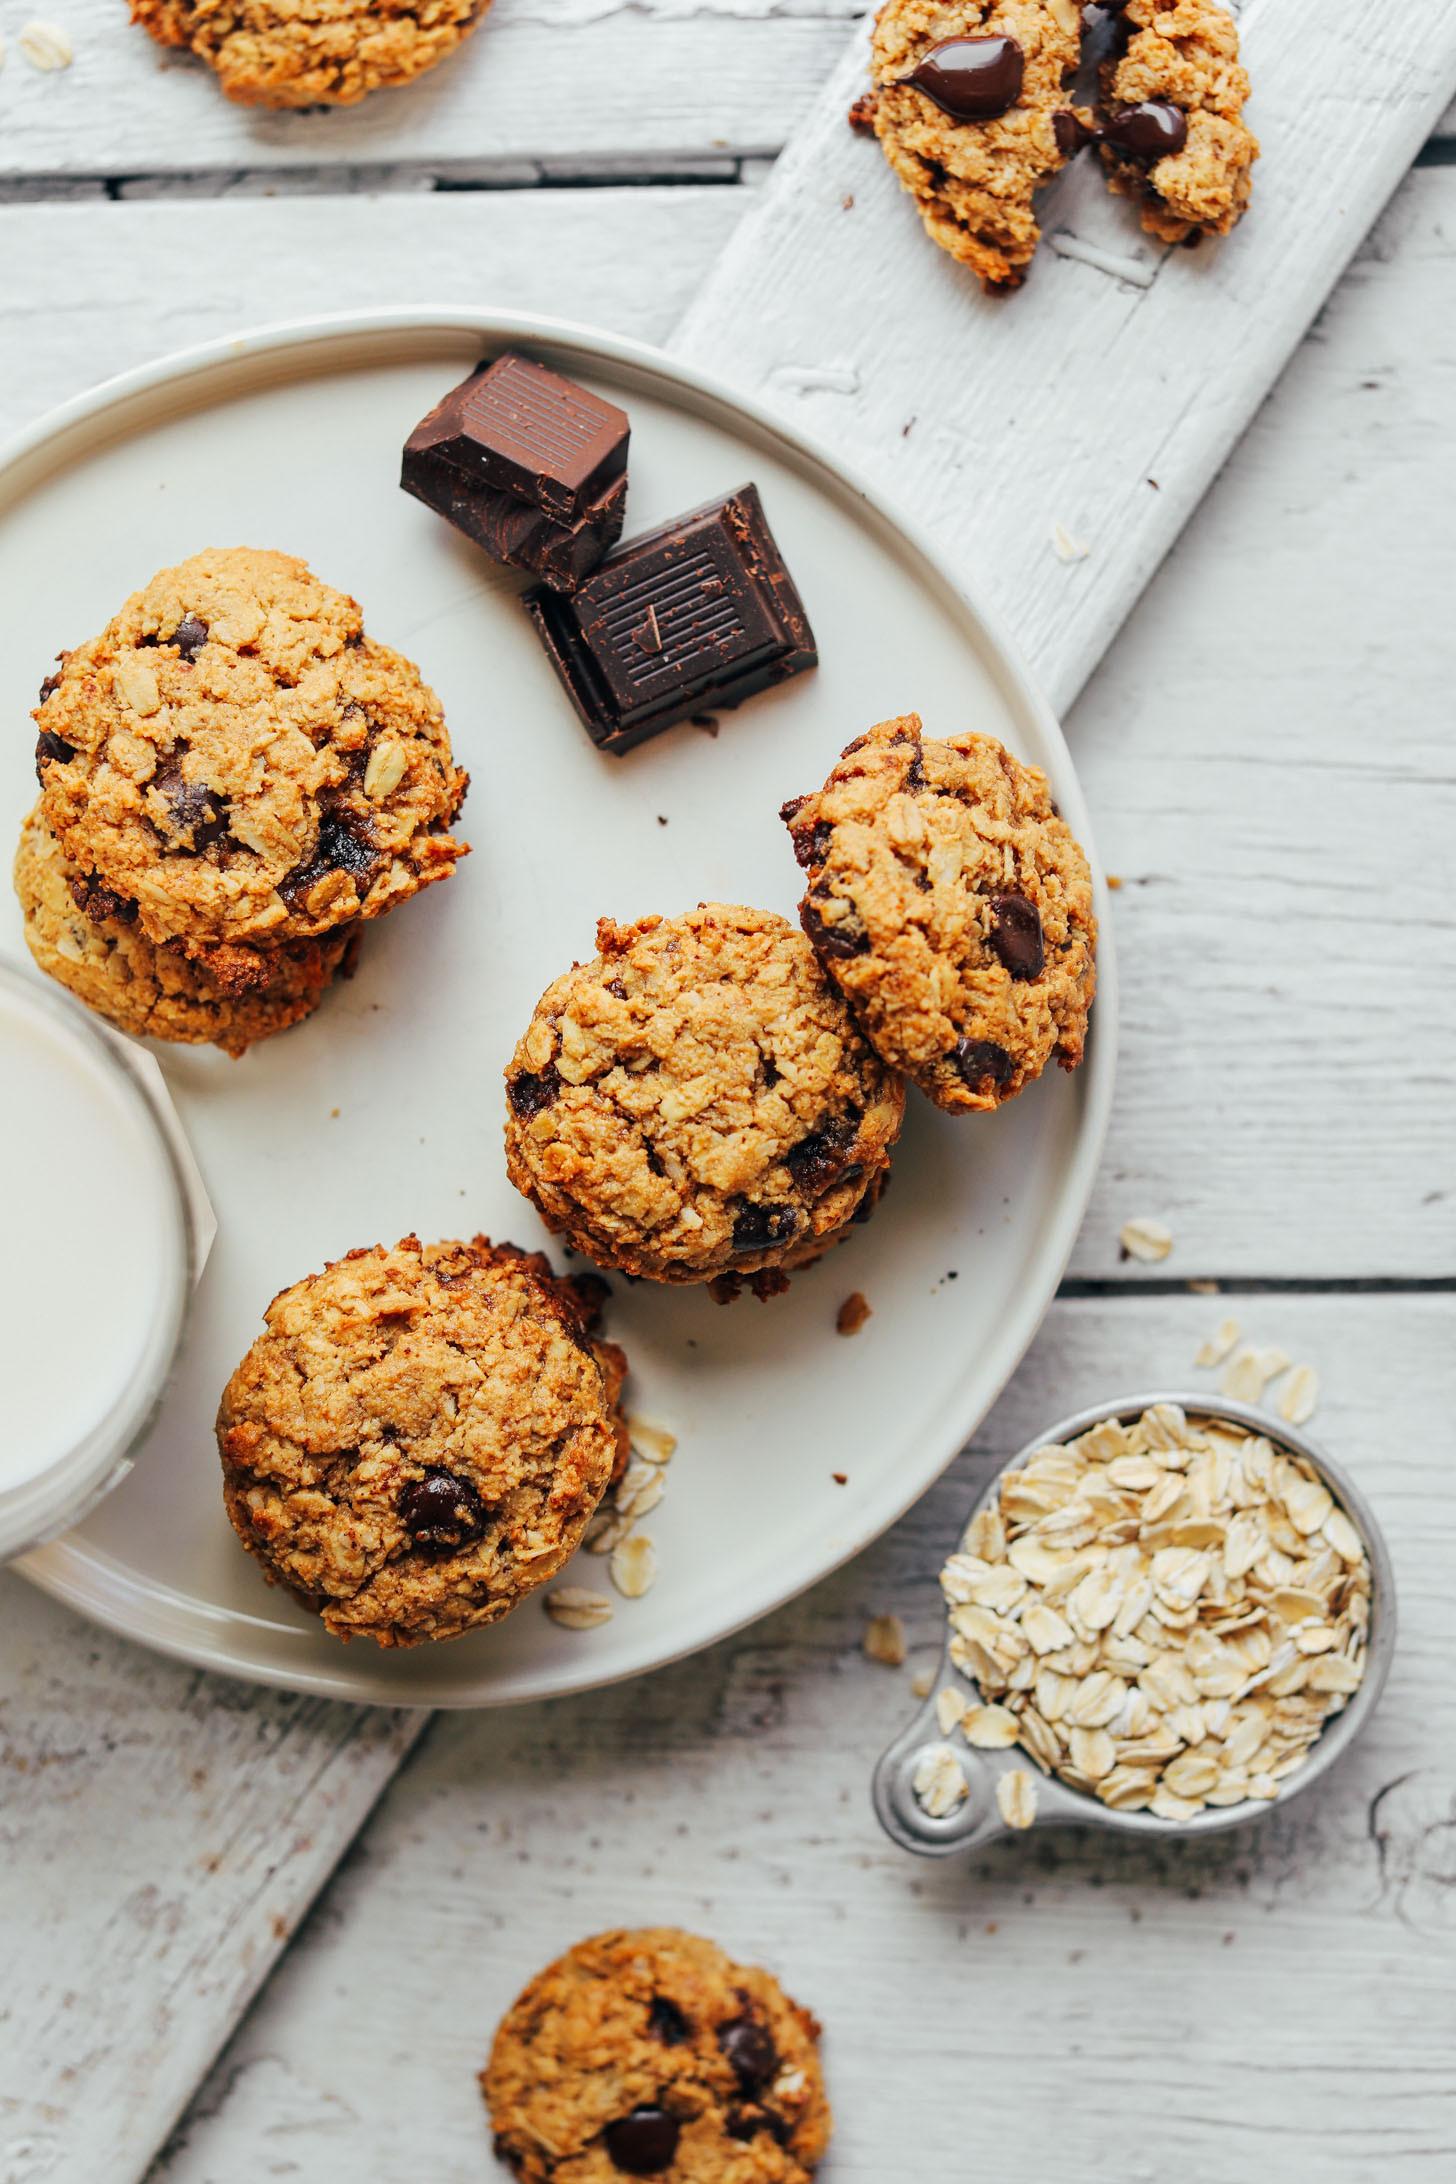 Healthy Vegan Chocolate Chip Cookies  Gluten Free Oatmeal Chocolate Chip Cookies